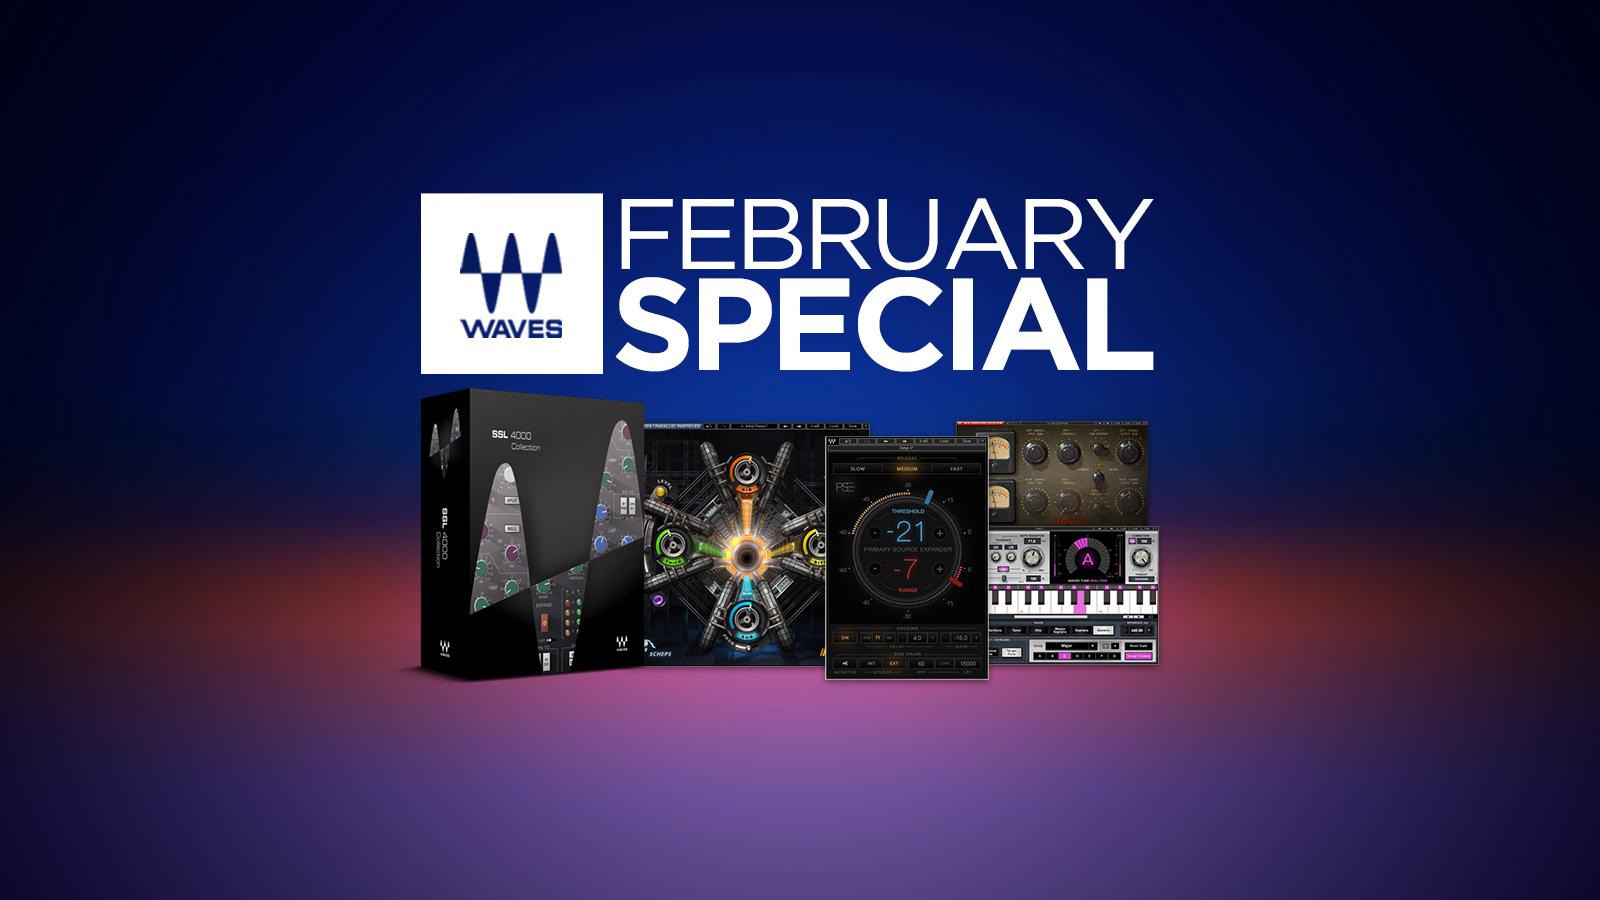 2月のWavesプロモーションにHorizon 108,000円ほか、日本限定特価を追加!